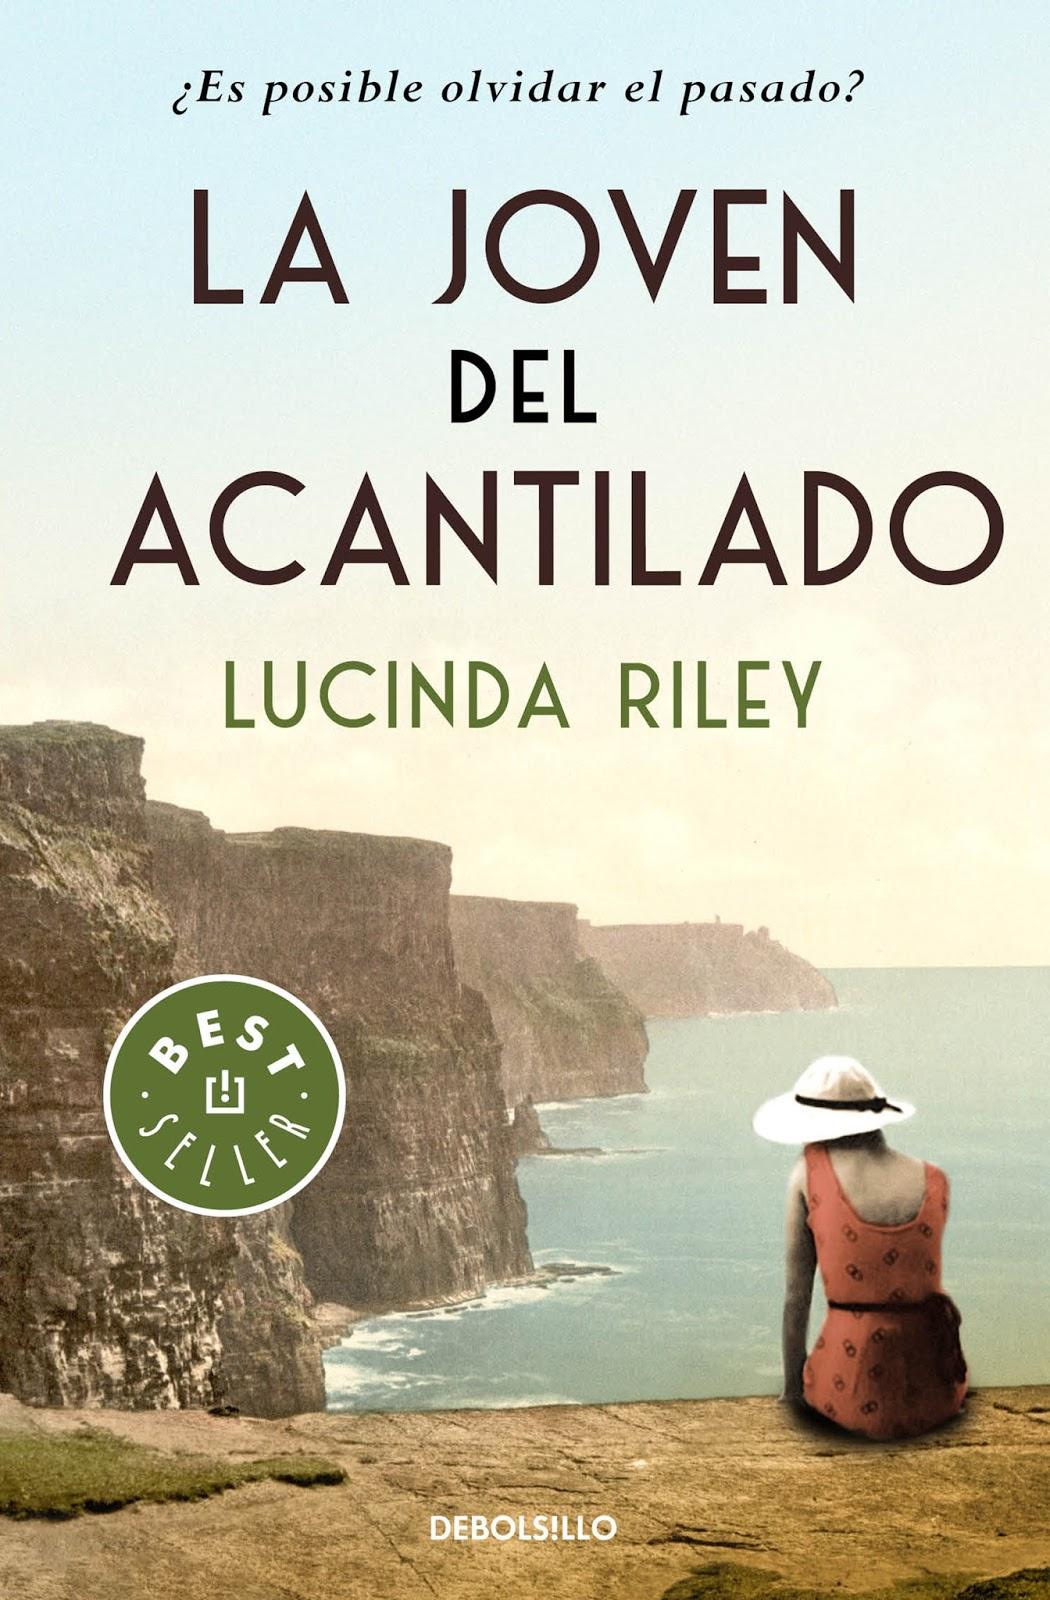 El rinc n de marlau agosto 2016 - Acantilado filmaffinity ...